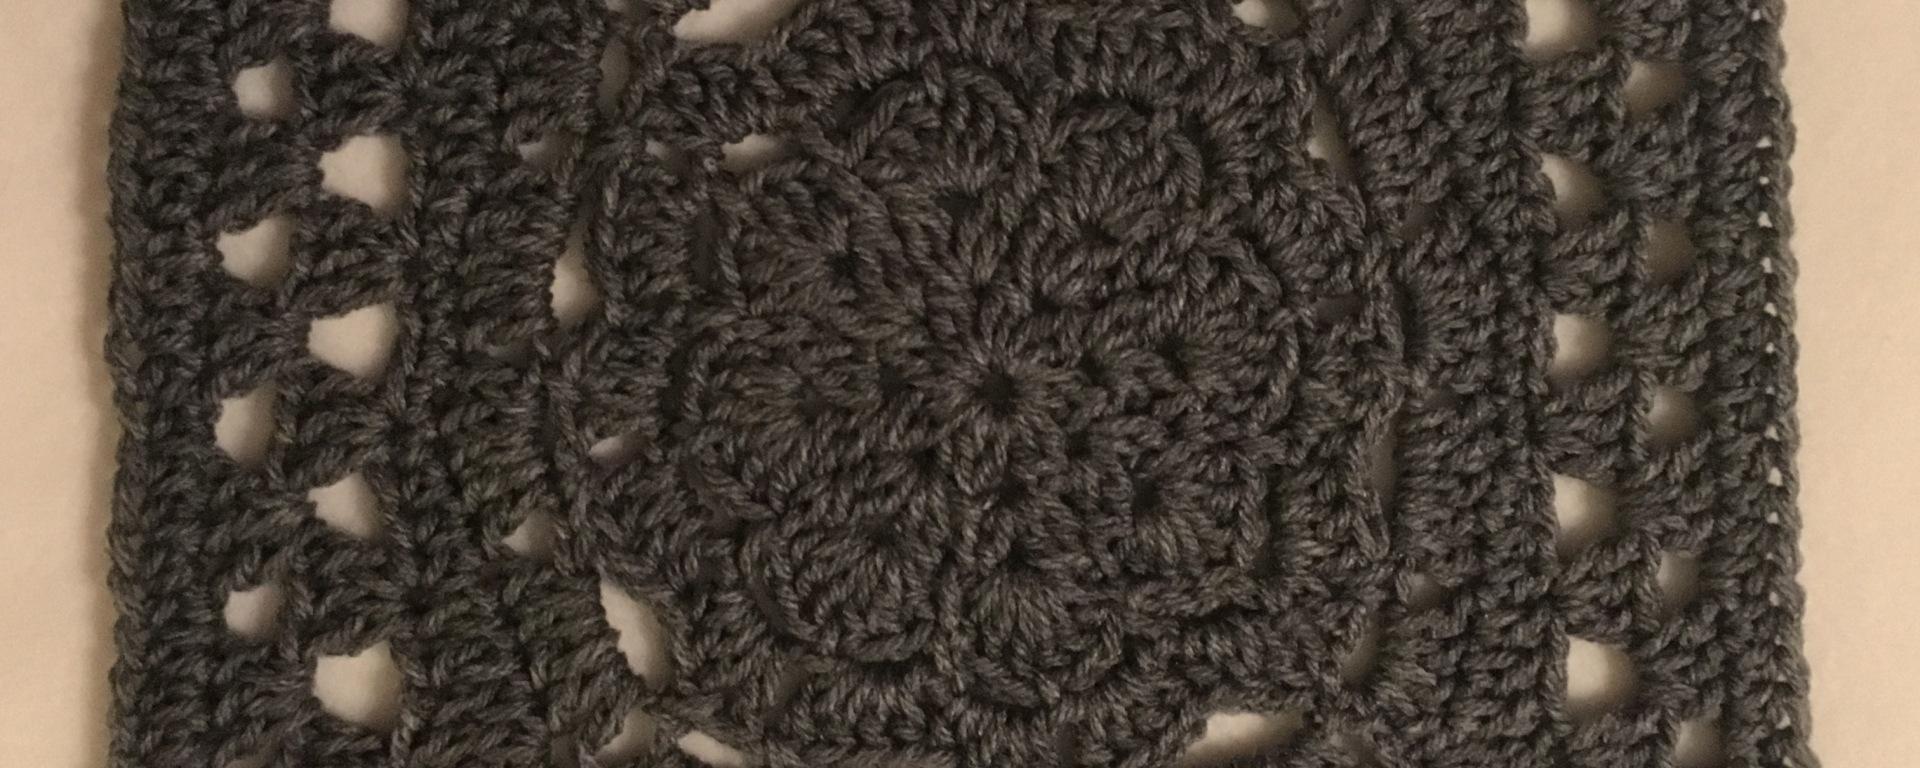 Flower Burst Crochet Square – Moogly 2018 CAL Square 1